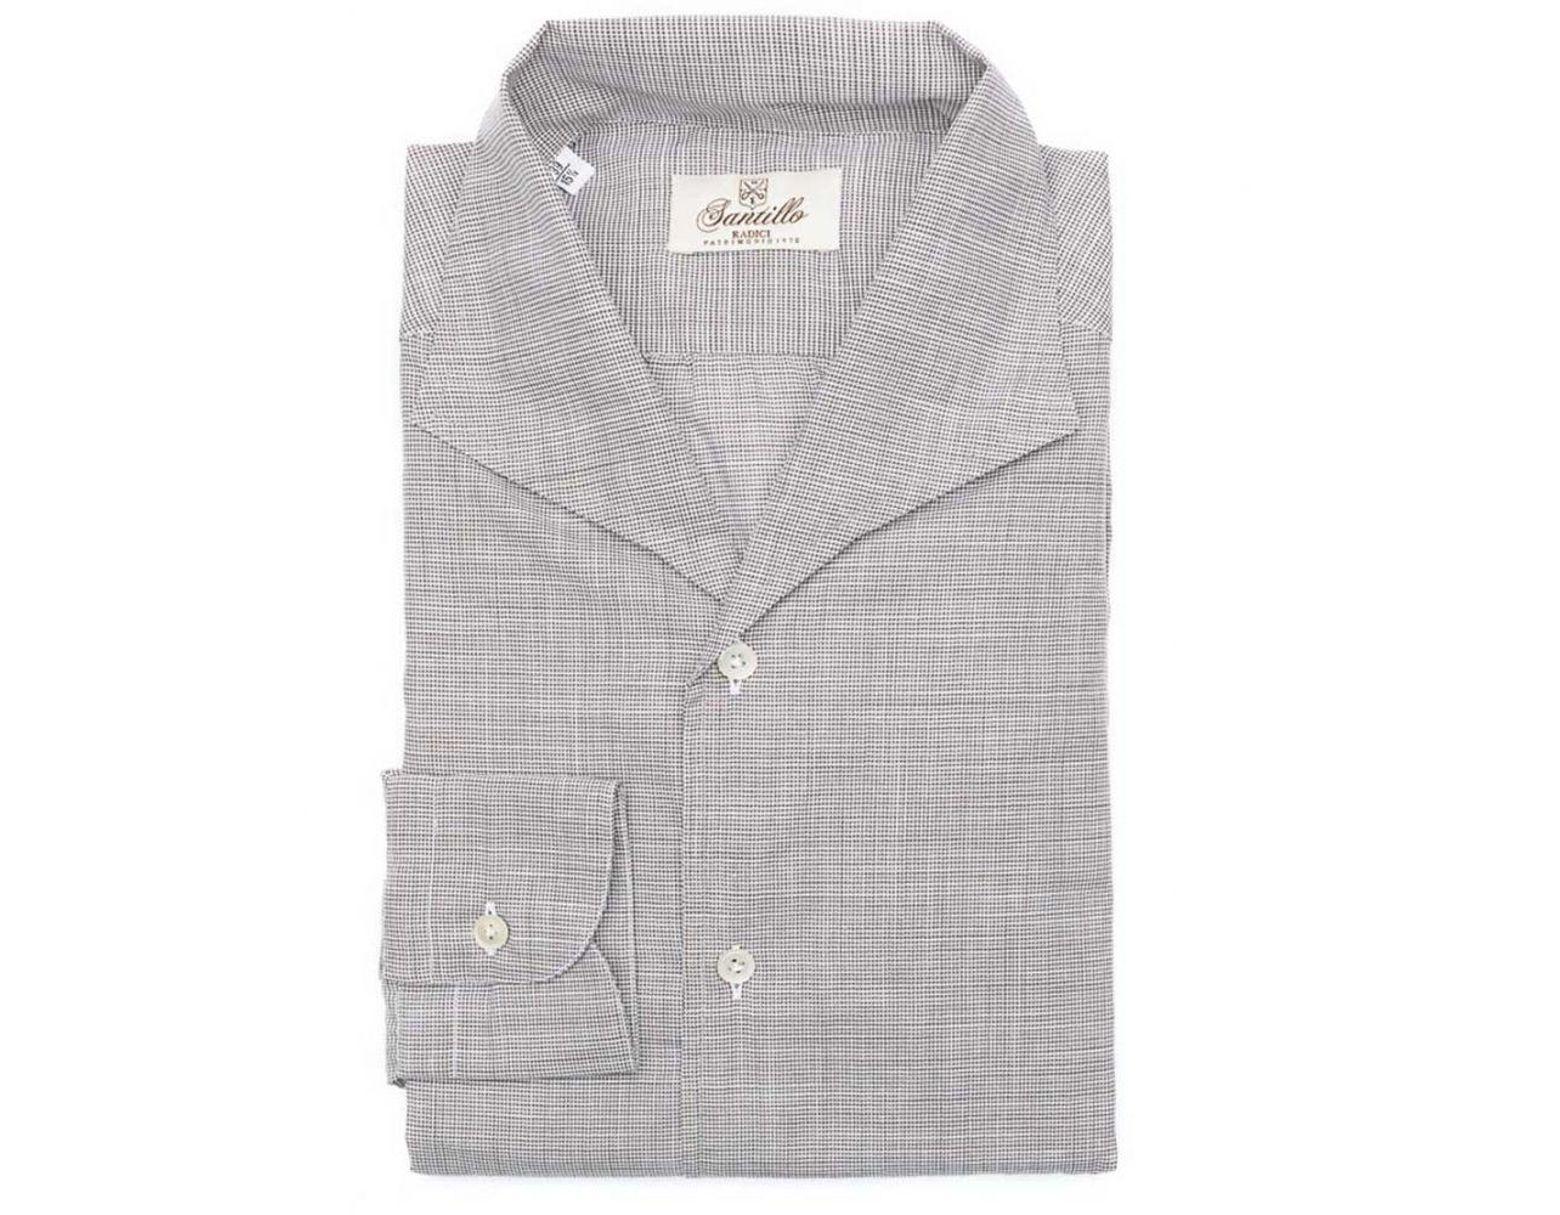 f26fd4fd2 Santillo 1970 Grey Italian Dandy Houndstooth Shirt in Gray for Men - Lyst